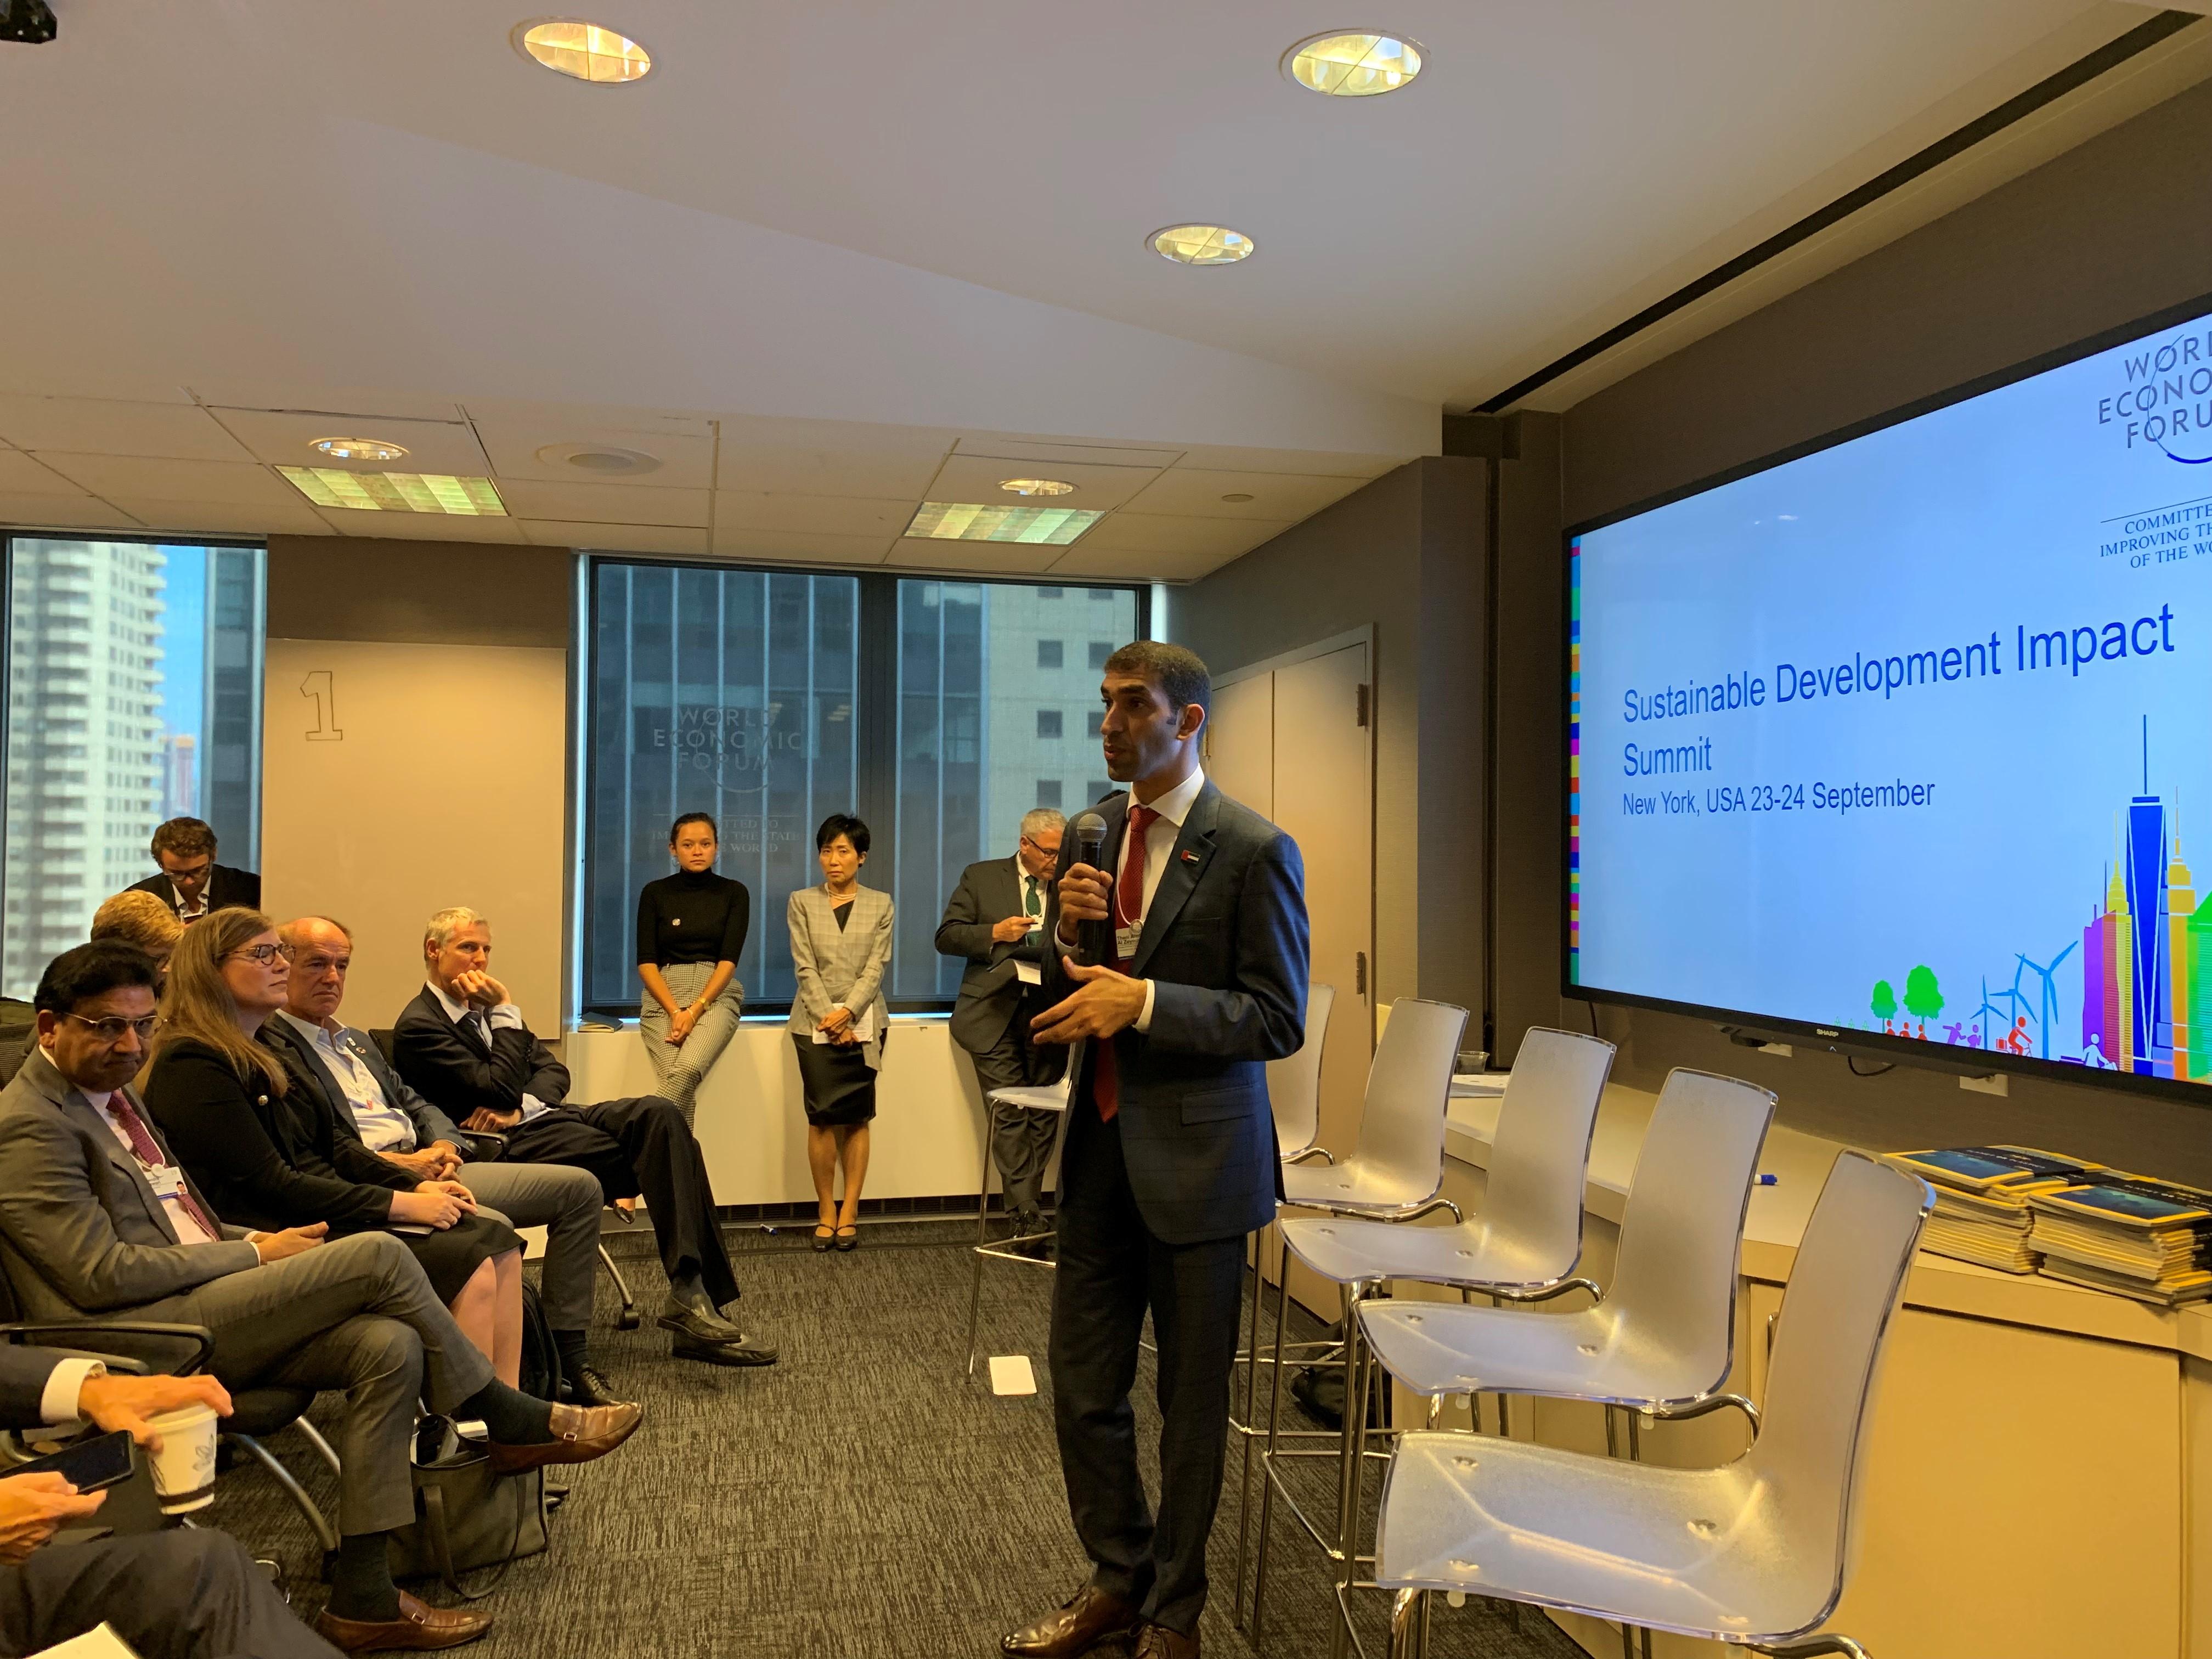 الزيودي: الإمارات سباقة عالميا في تطبيق منظومة التكيف مع تداعيات التغير المناخي